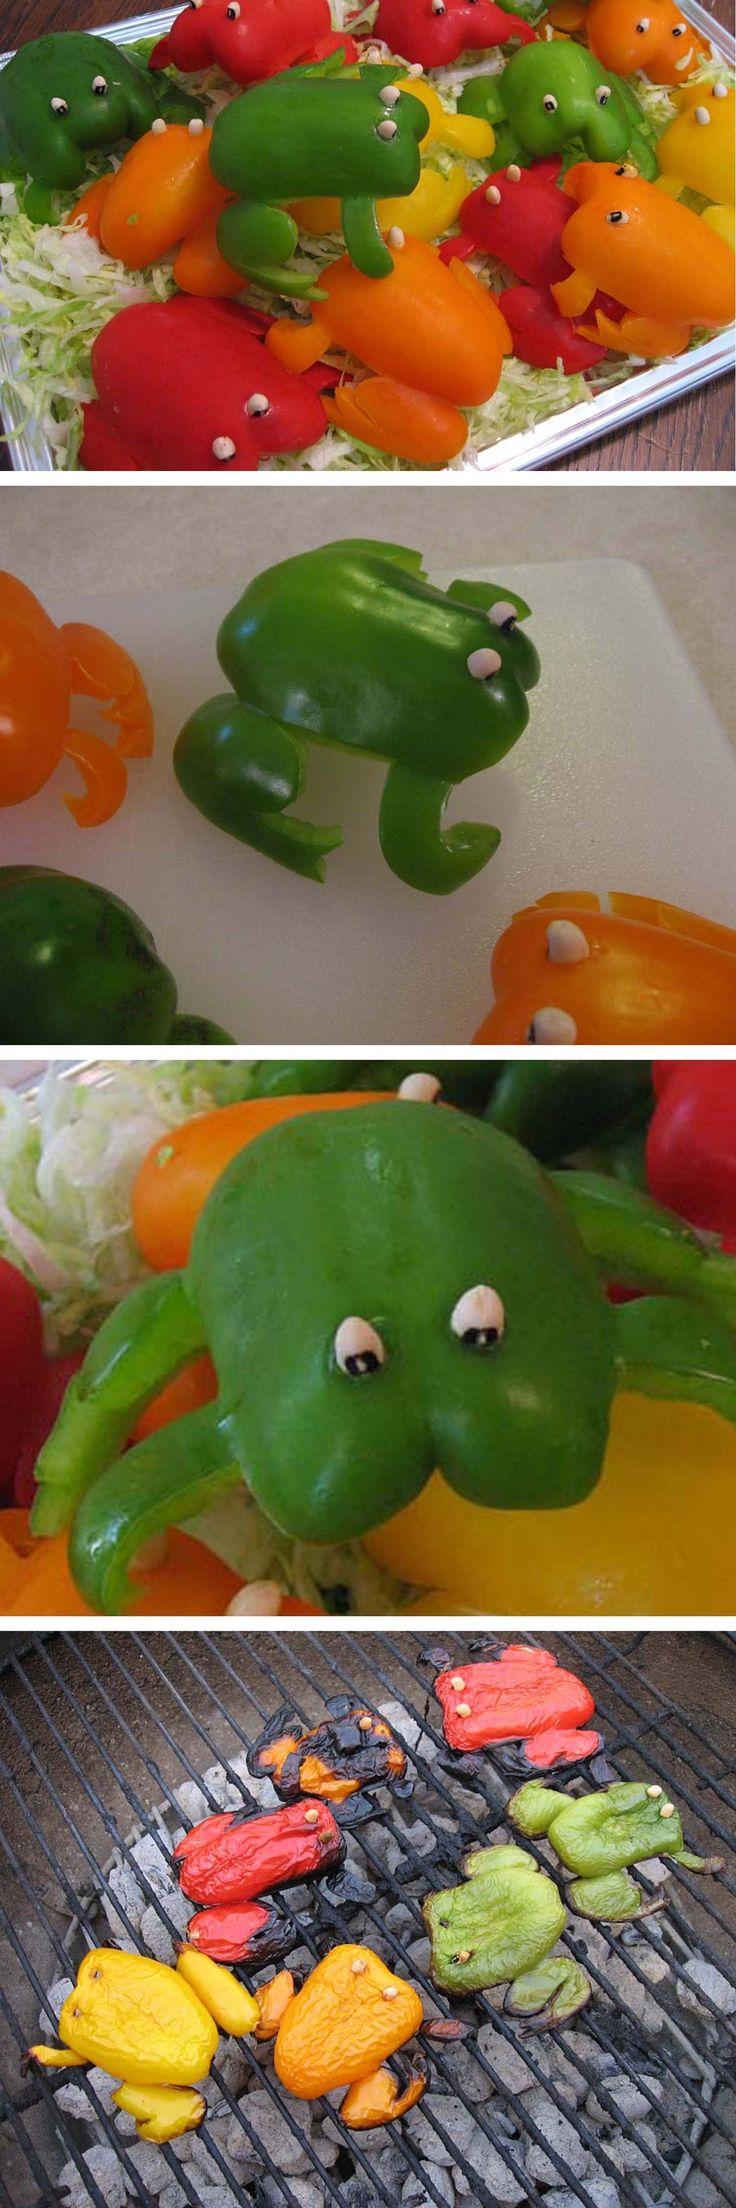 Des idées GÉNIALES de déjeuners-dîners amusants à faire avec les enfants!